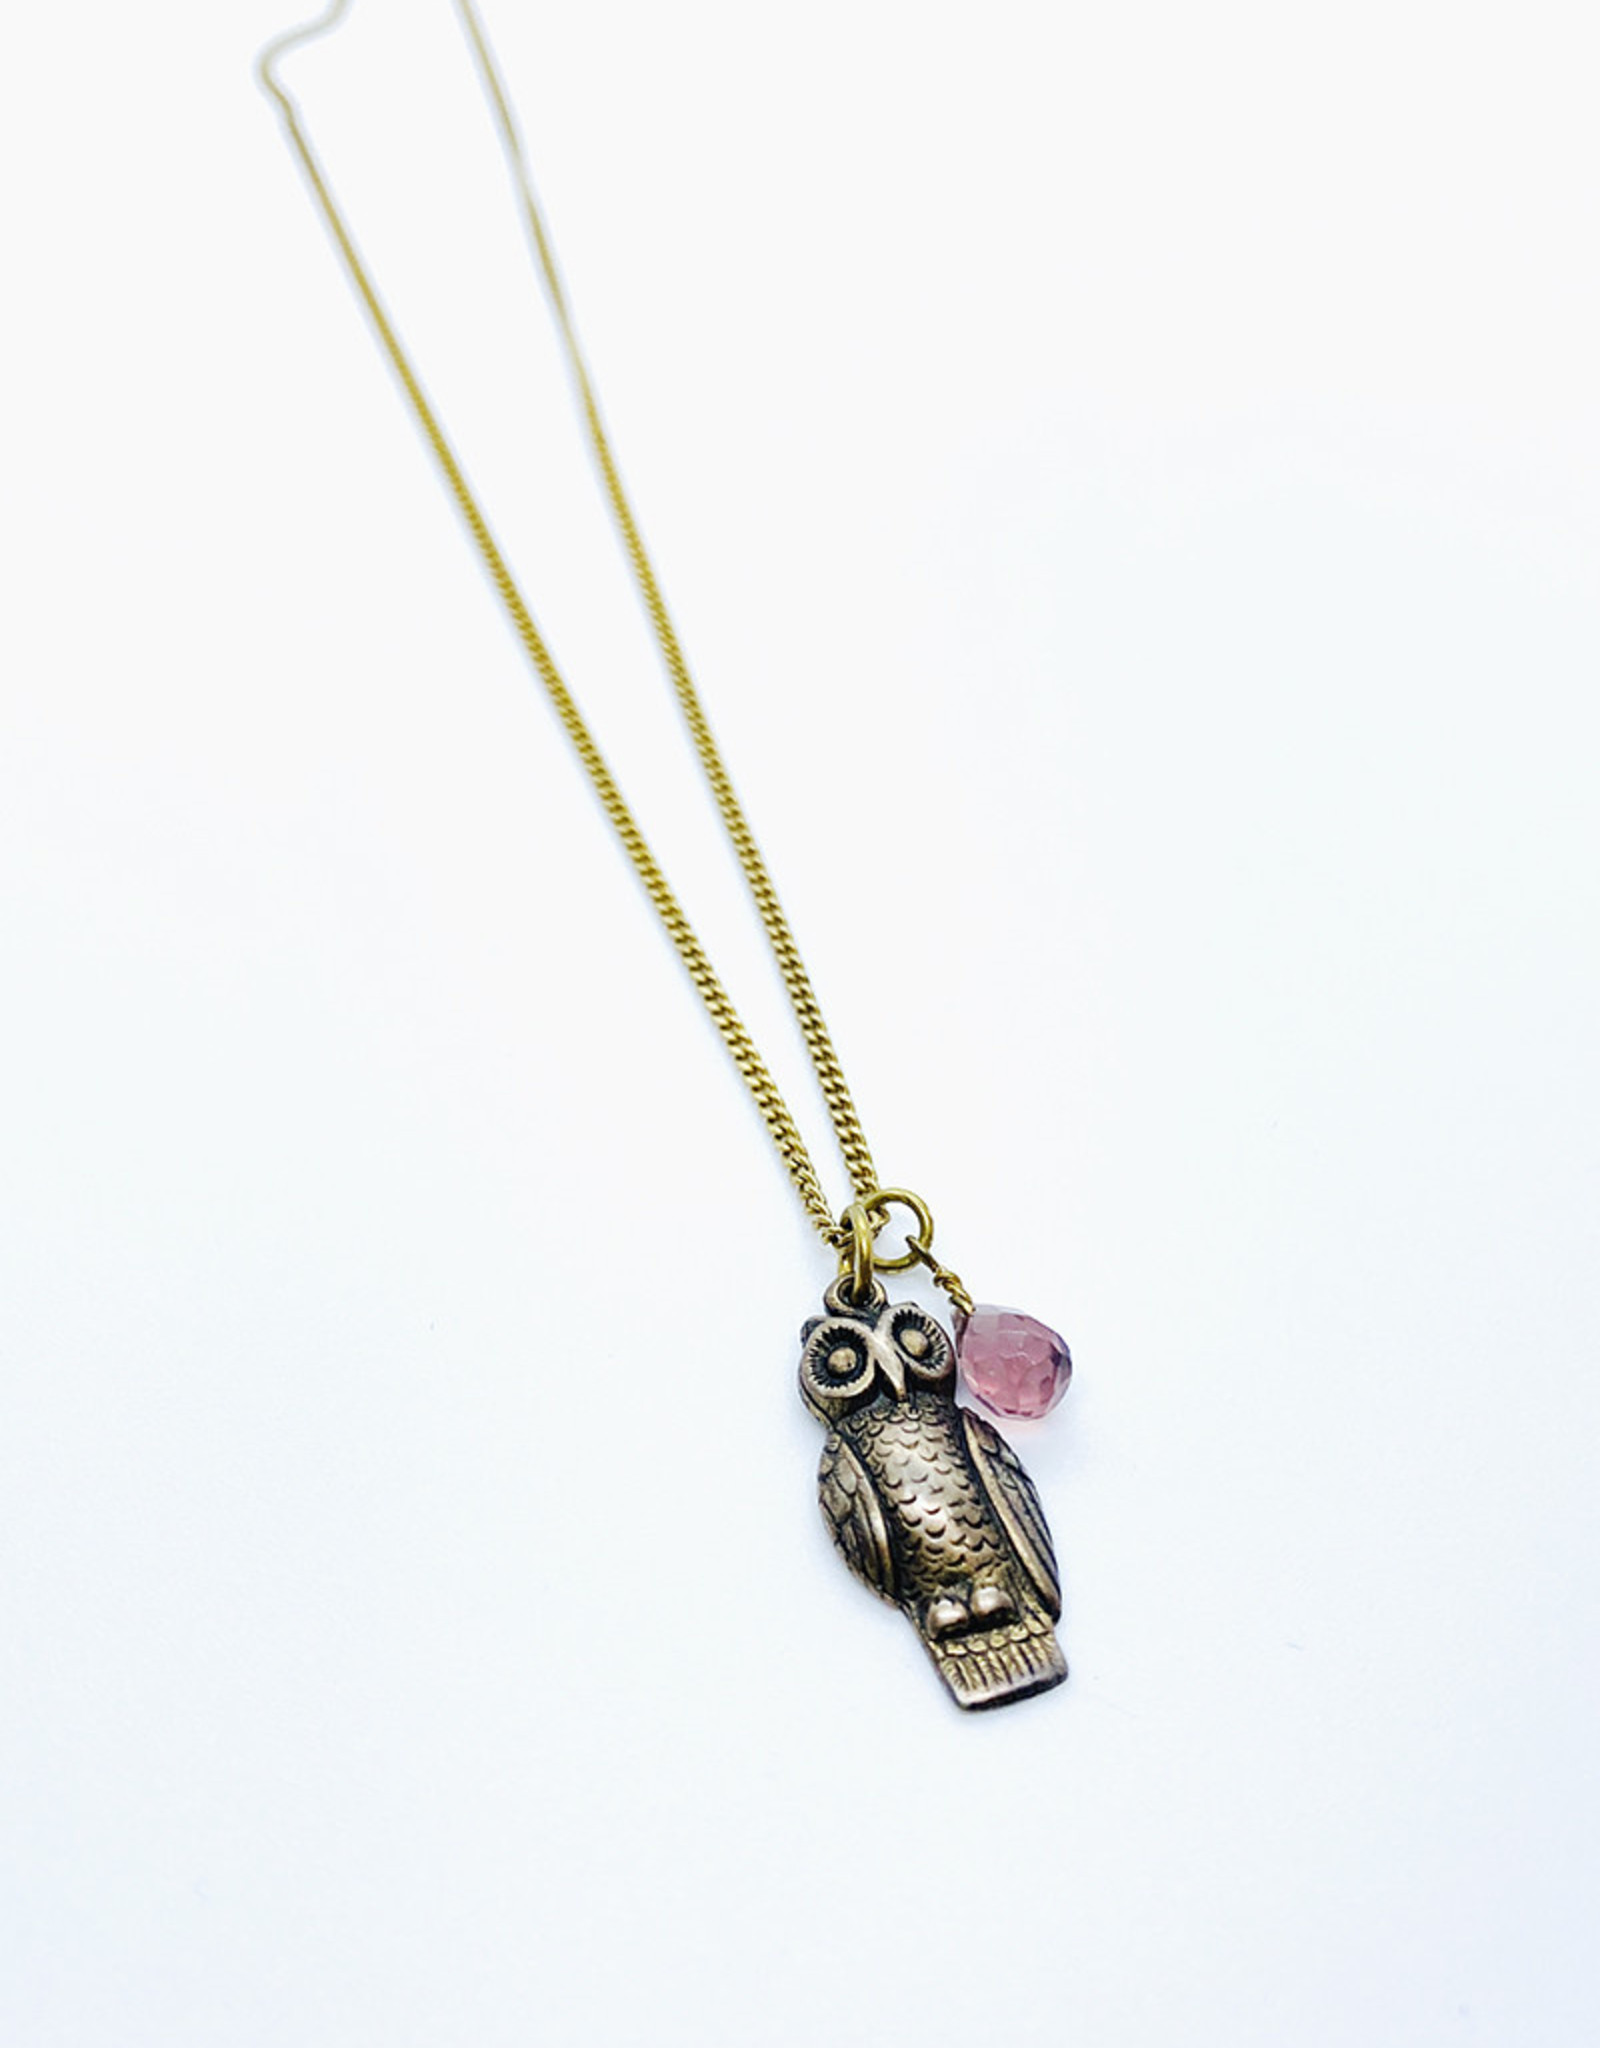 Tilly Doro Owl + Stone Necklace // Tillydoro